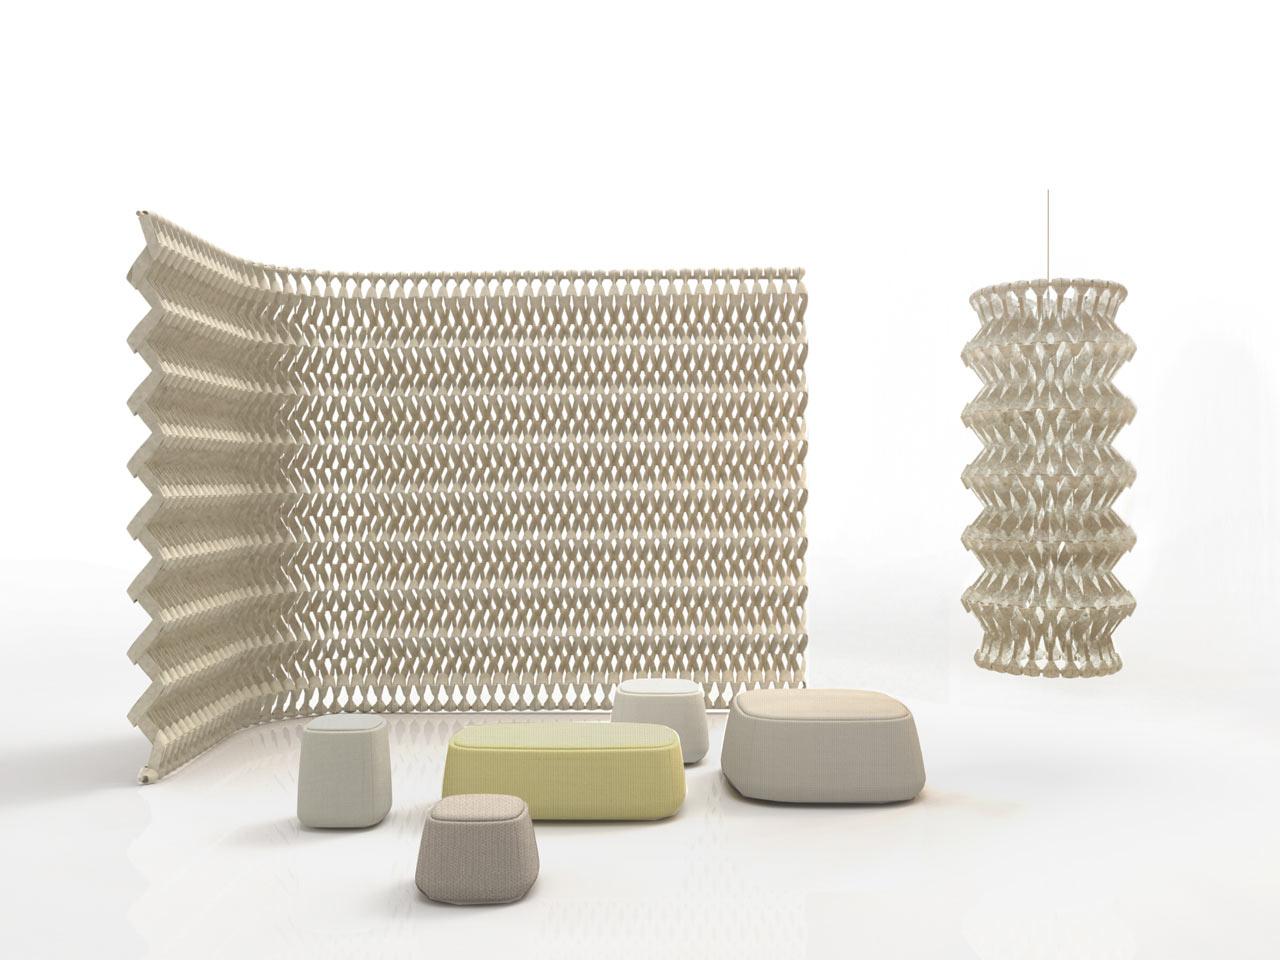 Woven Felt Becomes the 3D PLECTERE Acoustic Textile